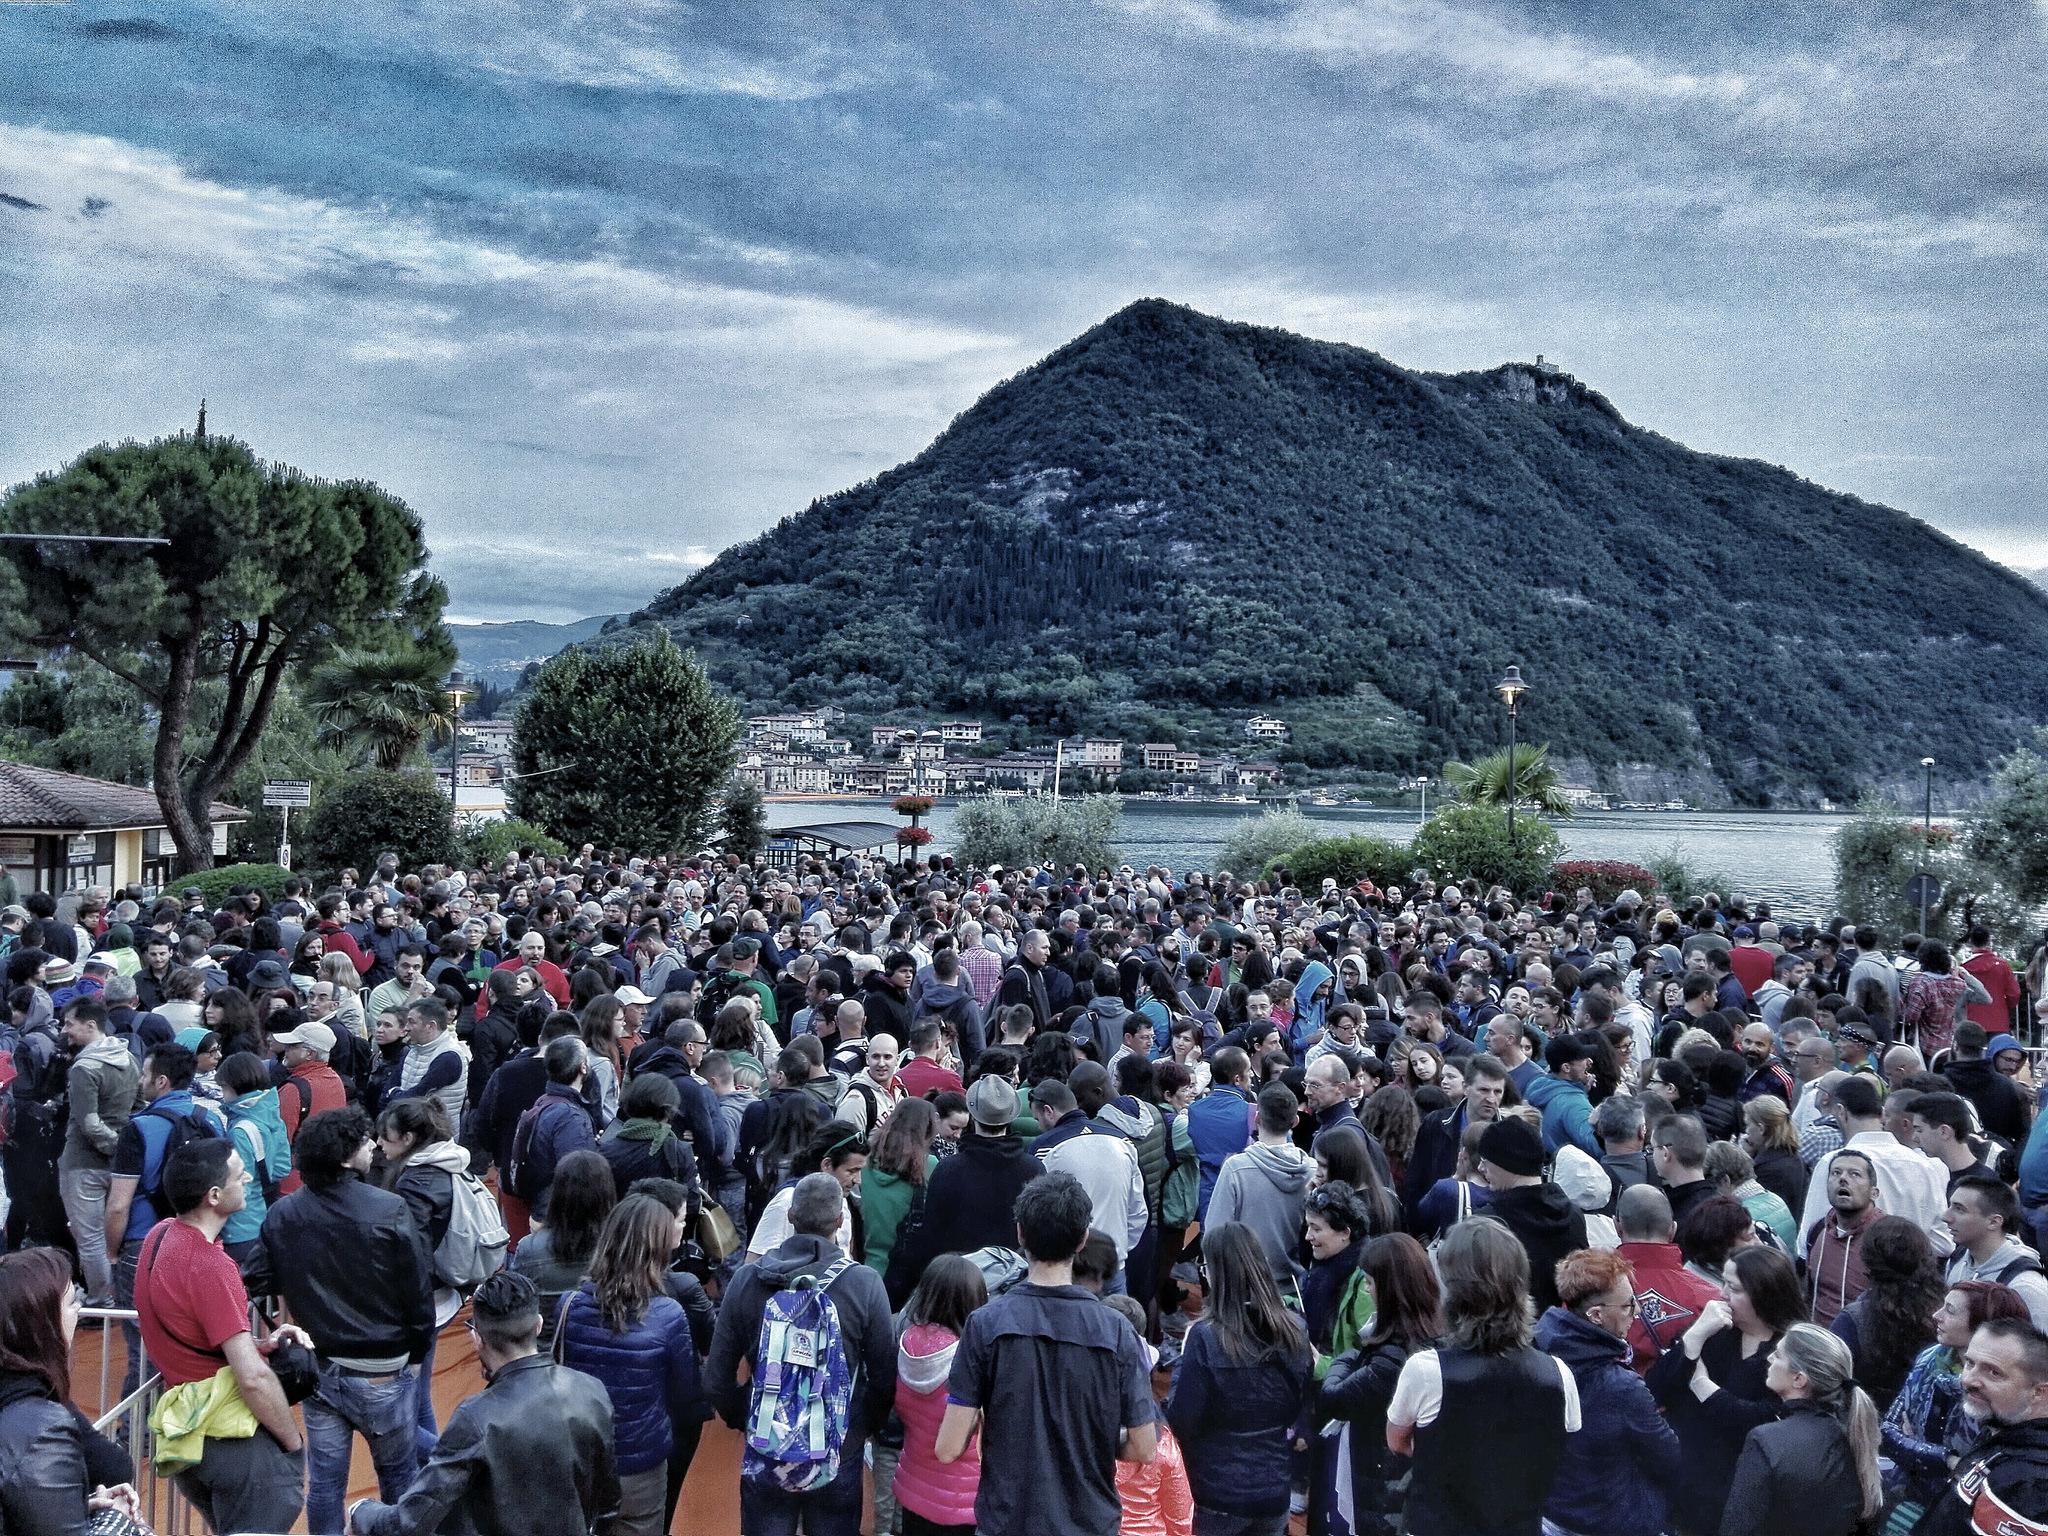 Floating Piers, l'emergenza Lago d'Iseo farà scuola. La testimonianza diretta di chi sta operando a terra